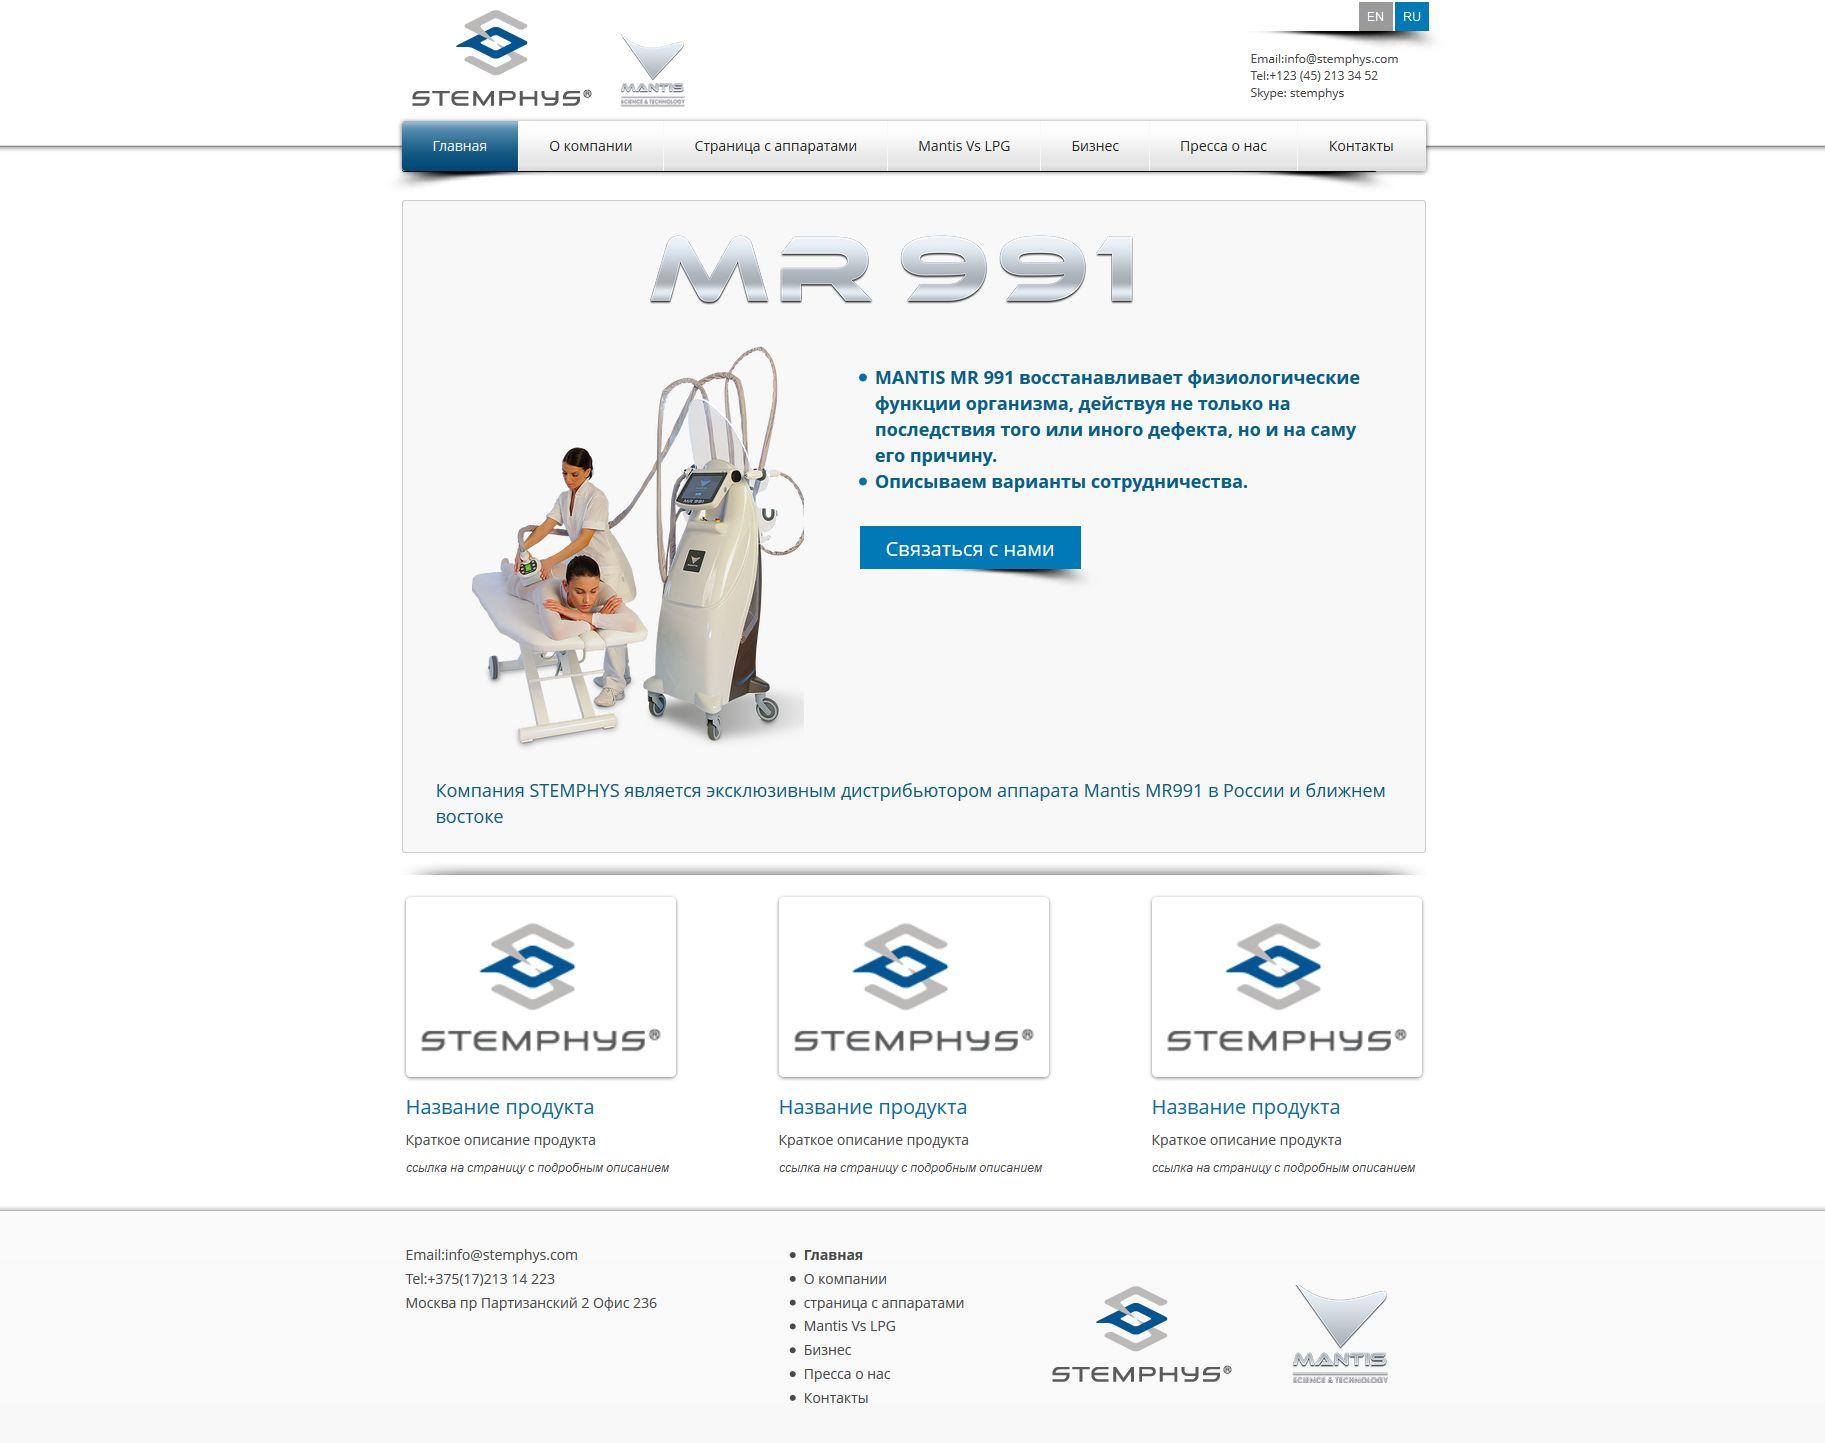 Создание рекламного сайта медицинского аппарата - дизайнер Denis_Koh